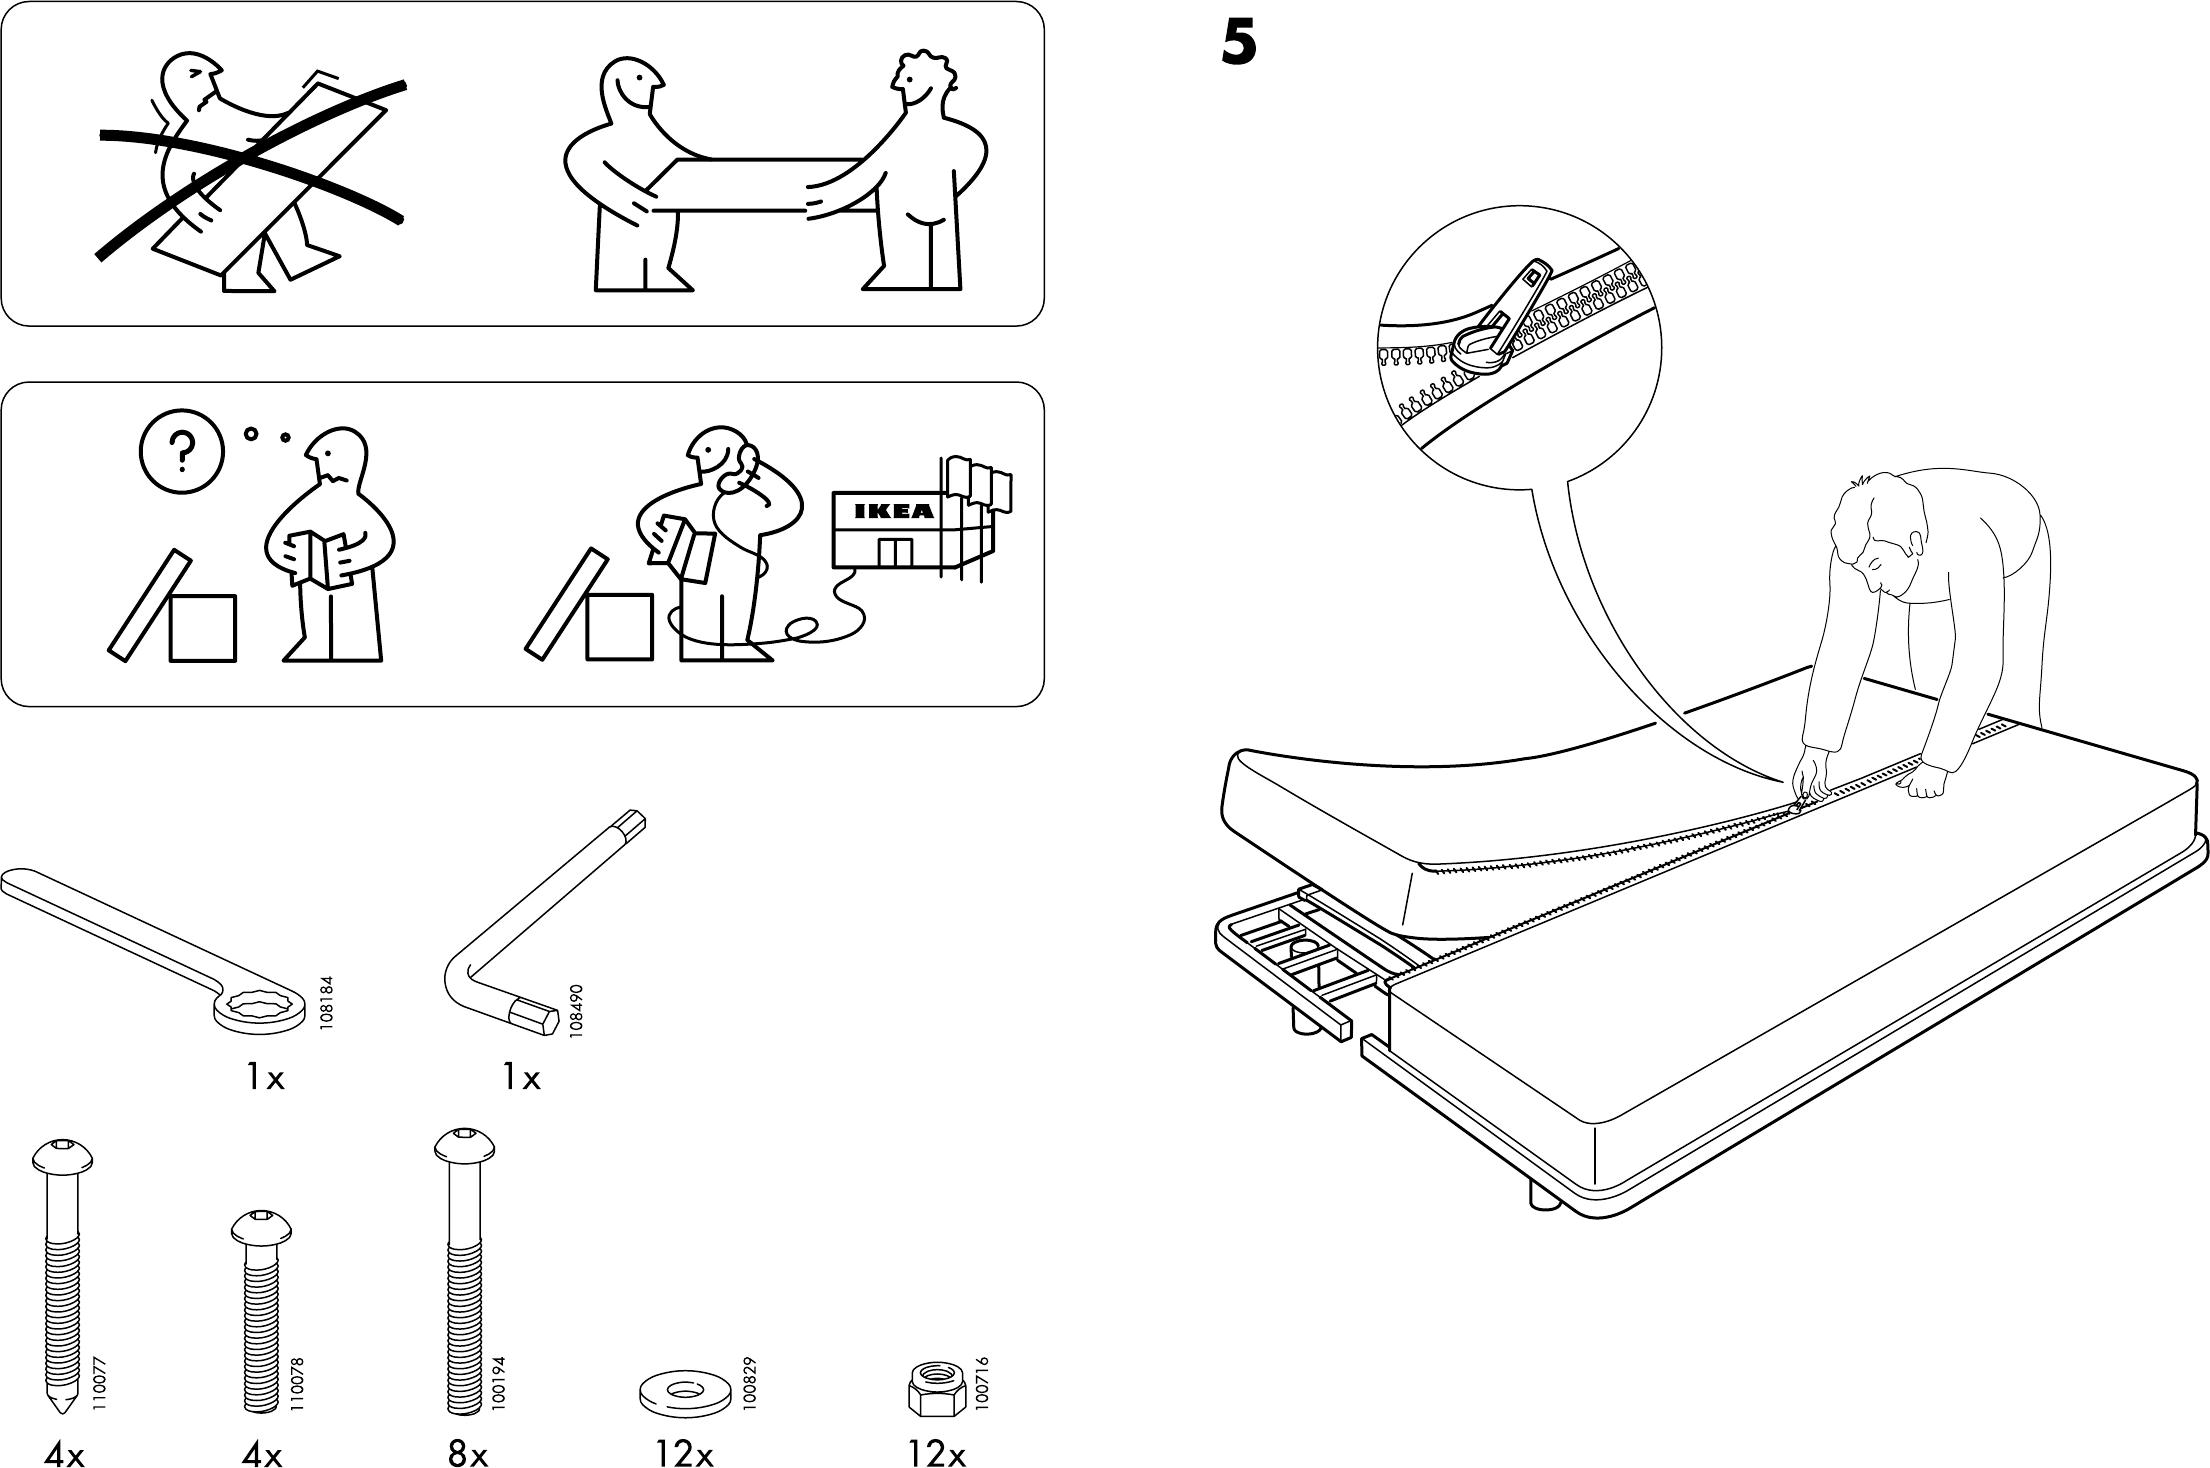 Ikea Beddinge Bedbank.Handleiding Ikea Beddinge Slaapbank Pagina 3 Van 4 Dansk